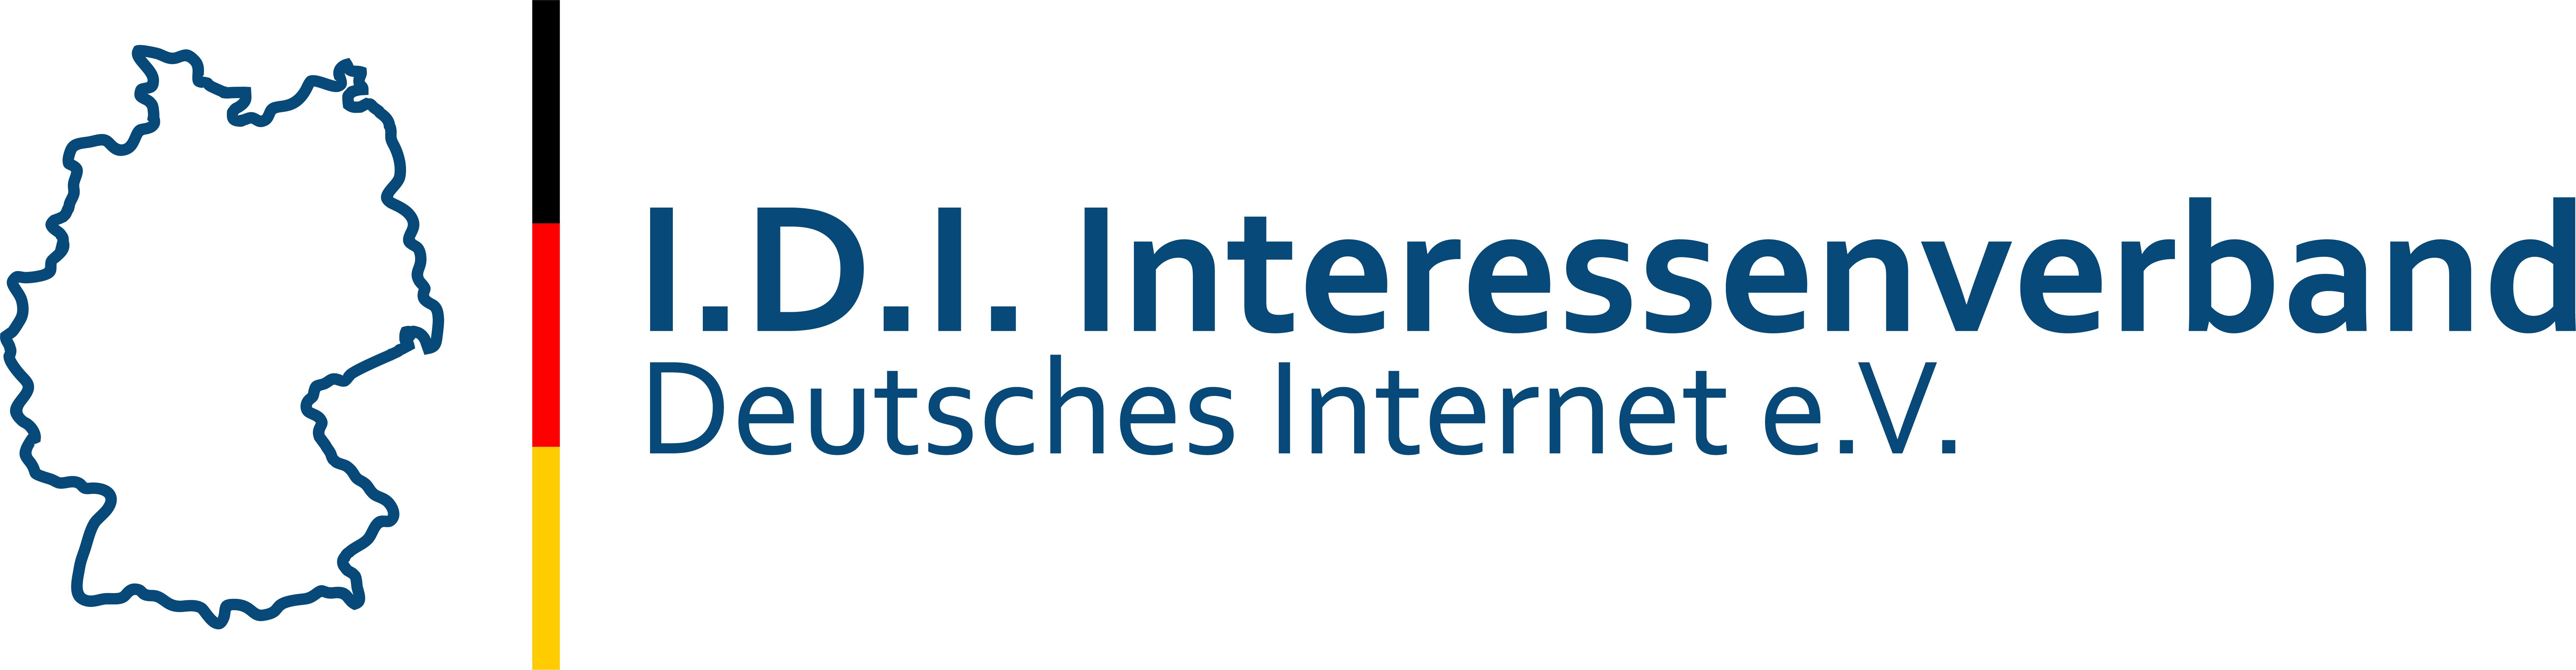 www.idi.de